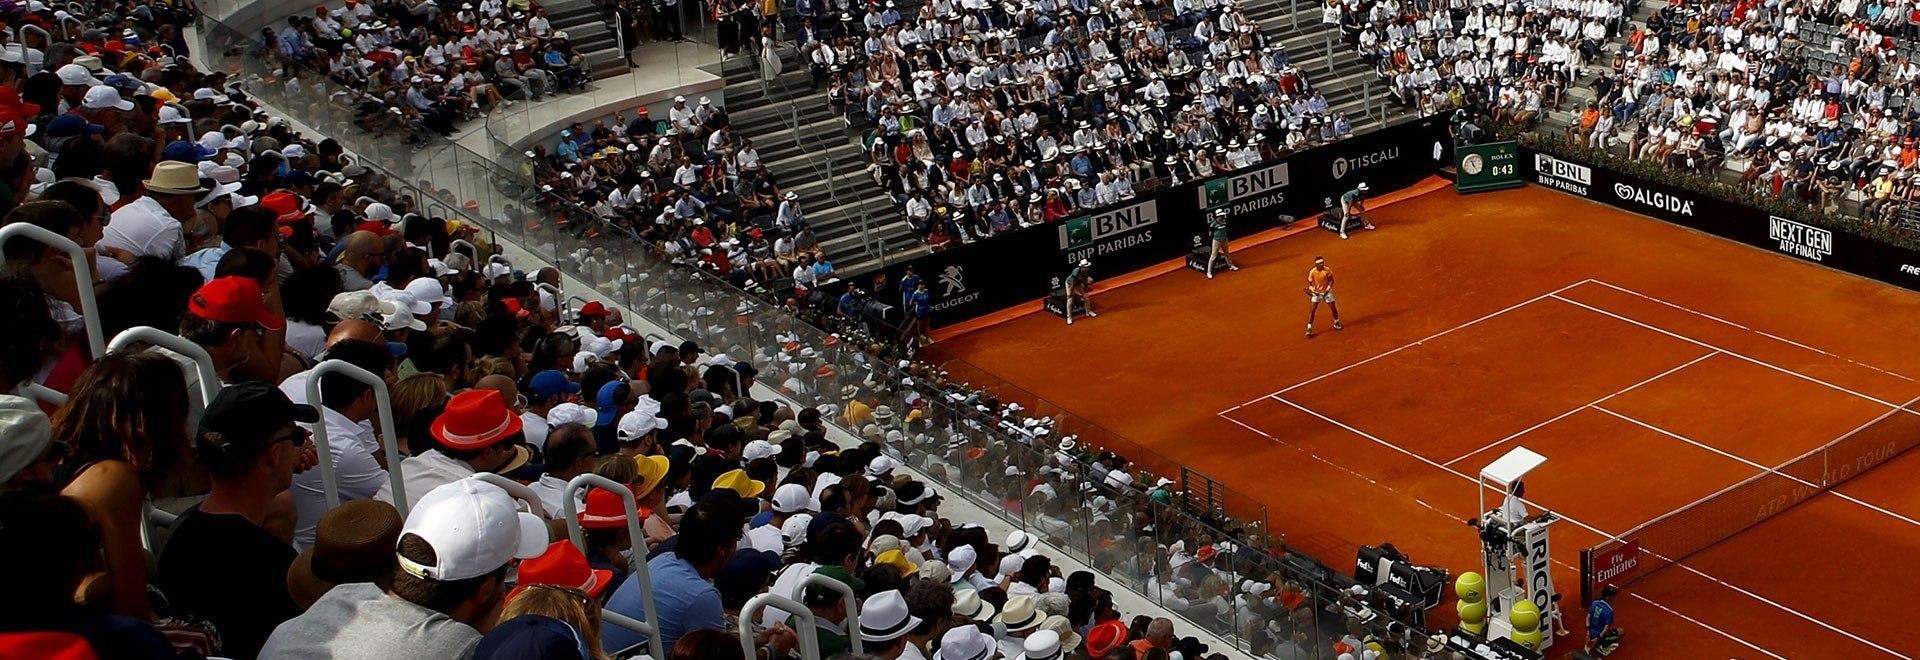 Djokovic - Nadal. Finale